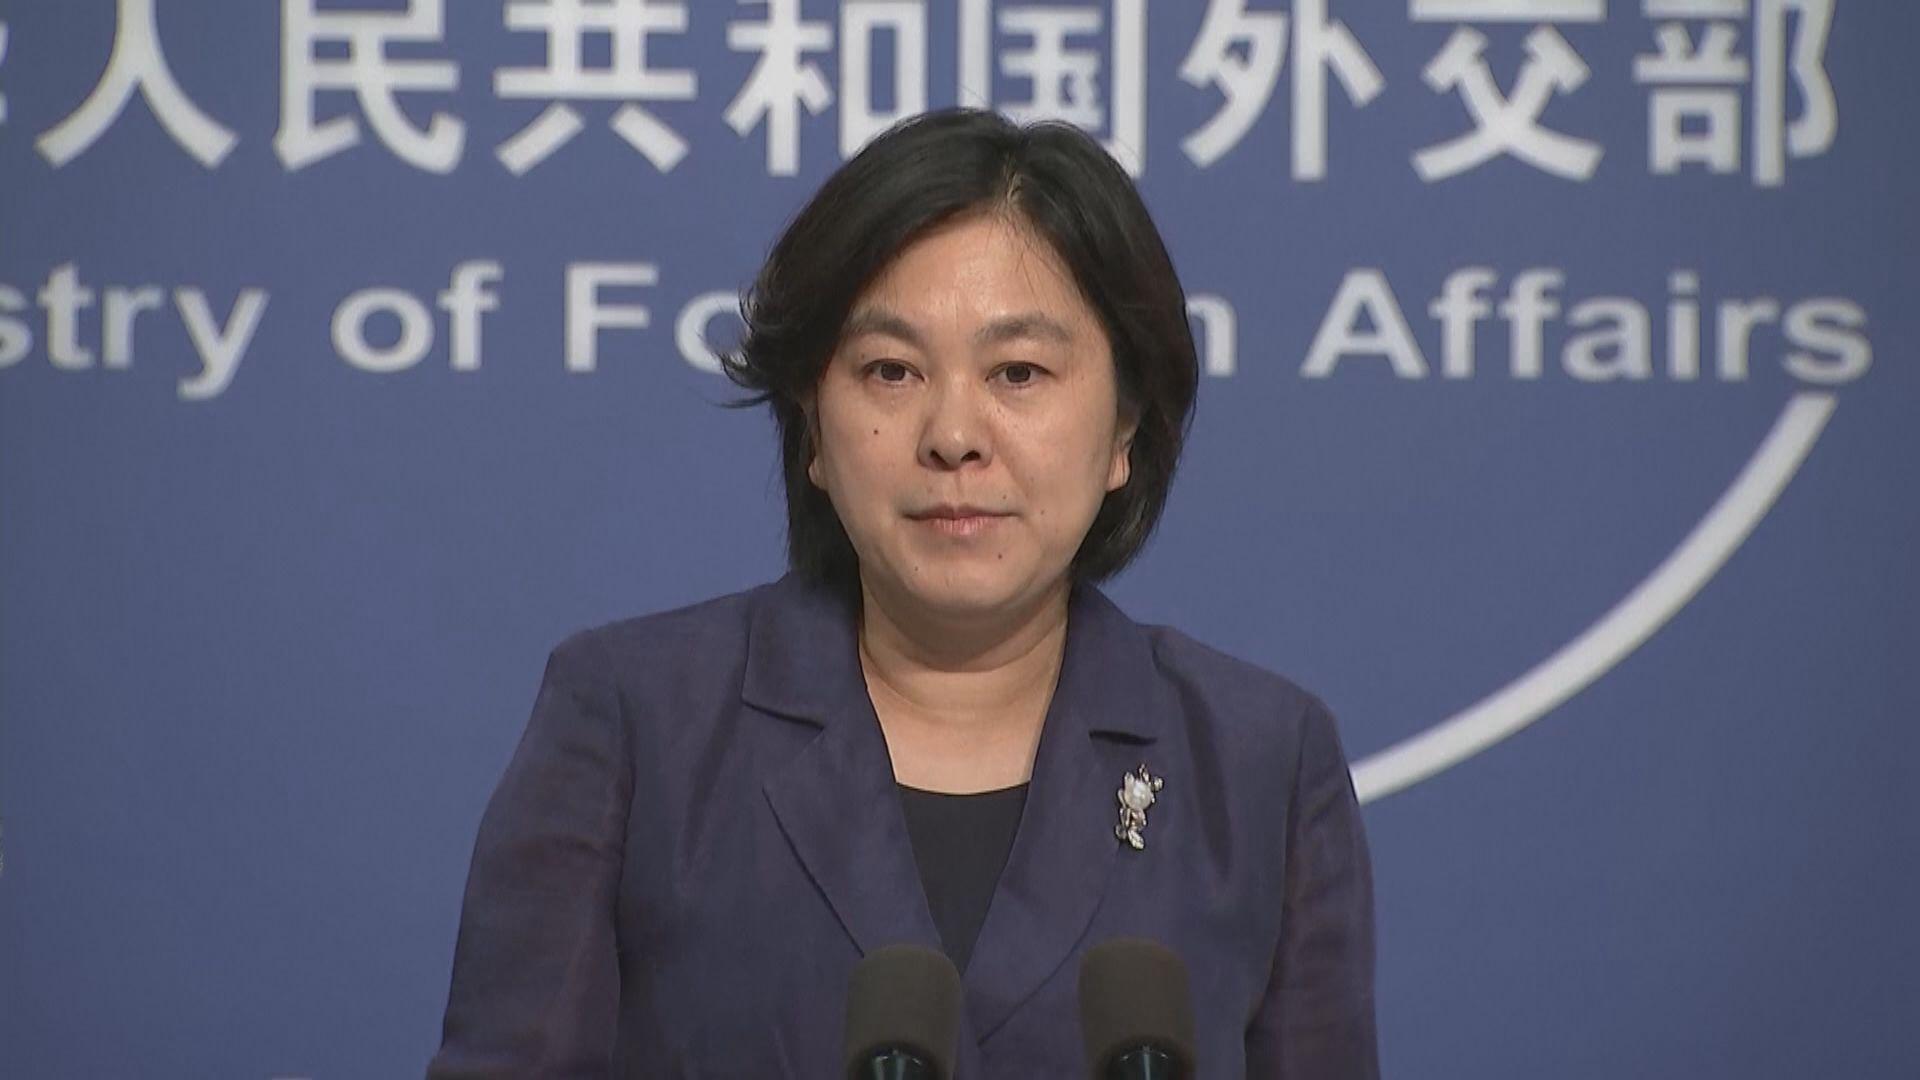 美大學驅逐中國留學生 外交部:美國破壞兩國人文交流